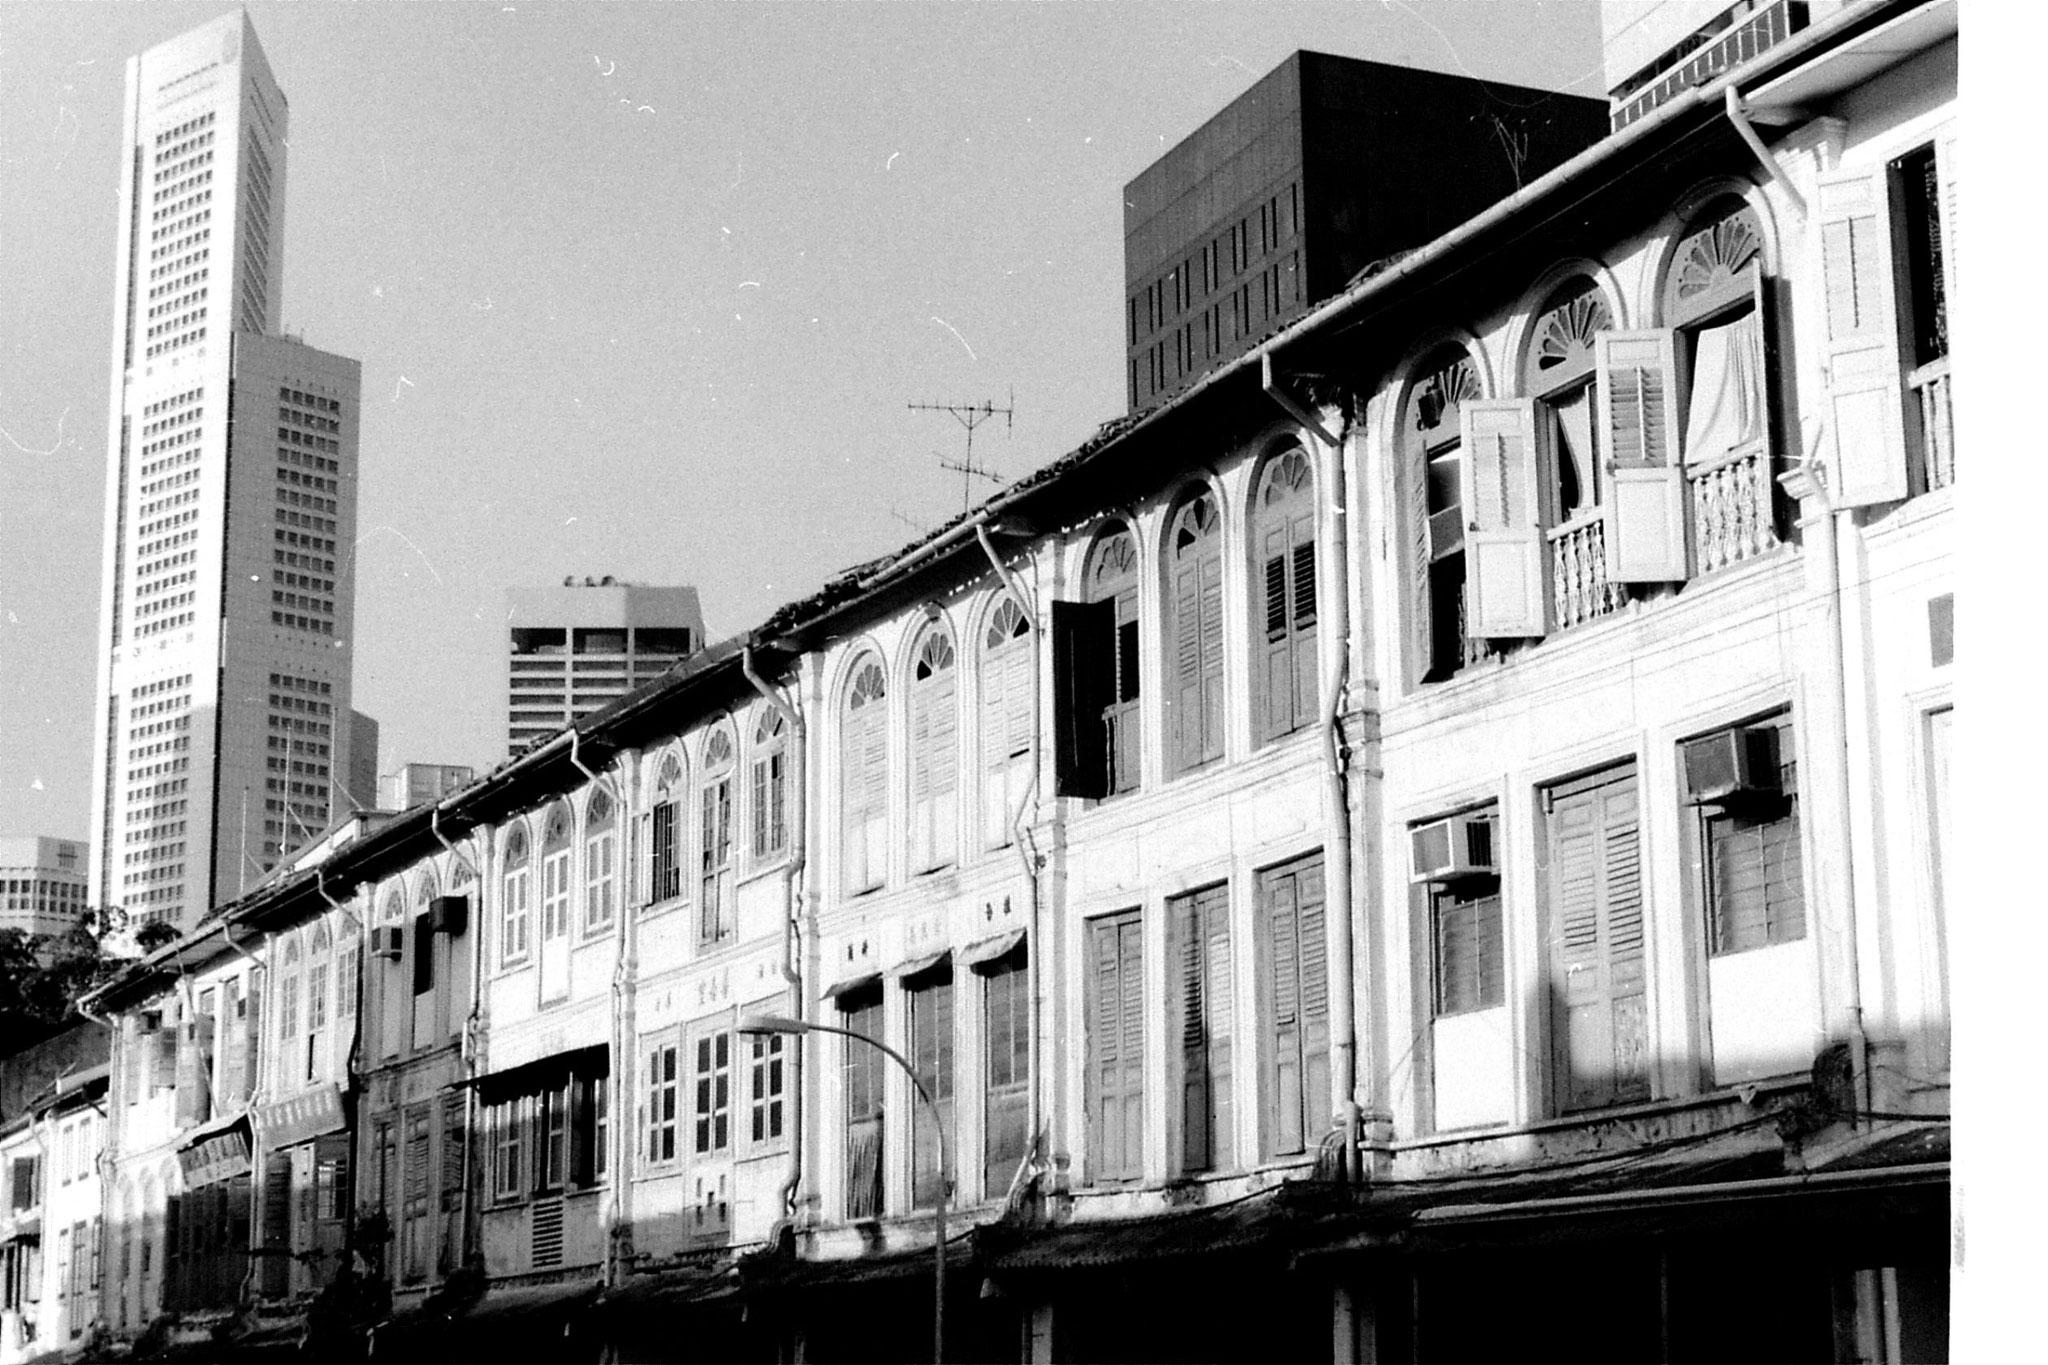 2/7/1990: 31: Singapore Chinatown